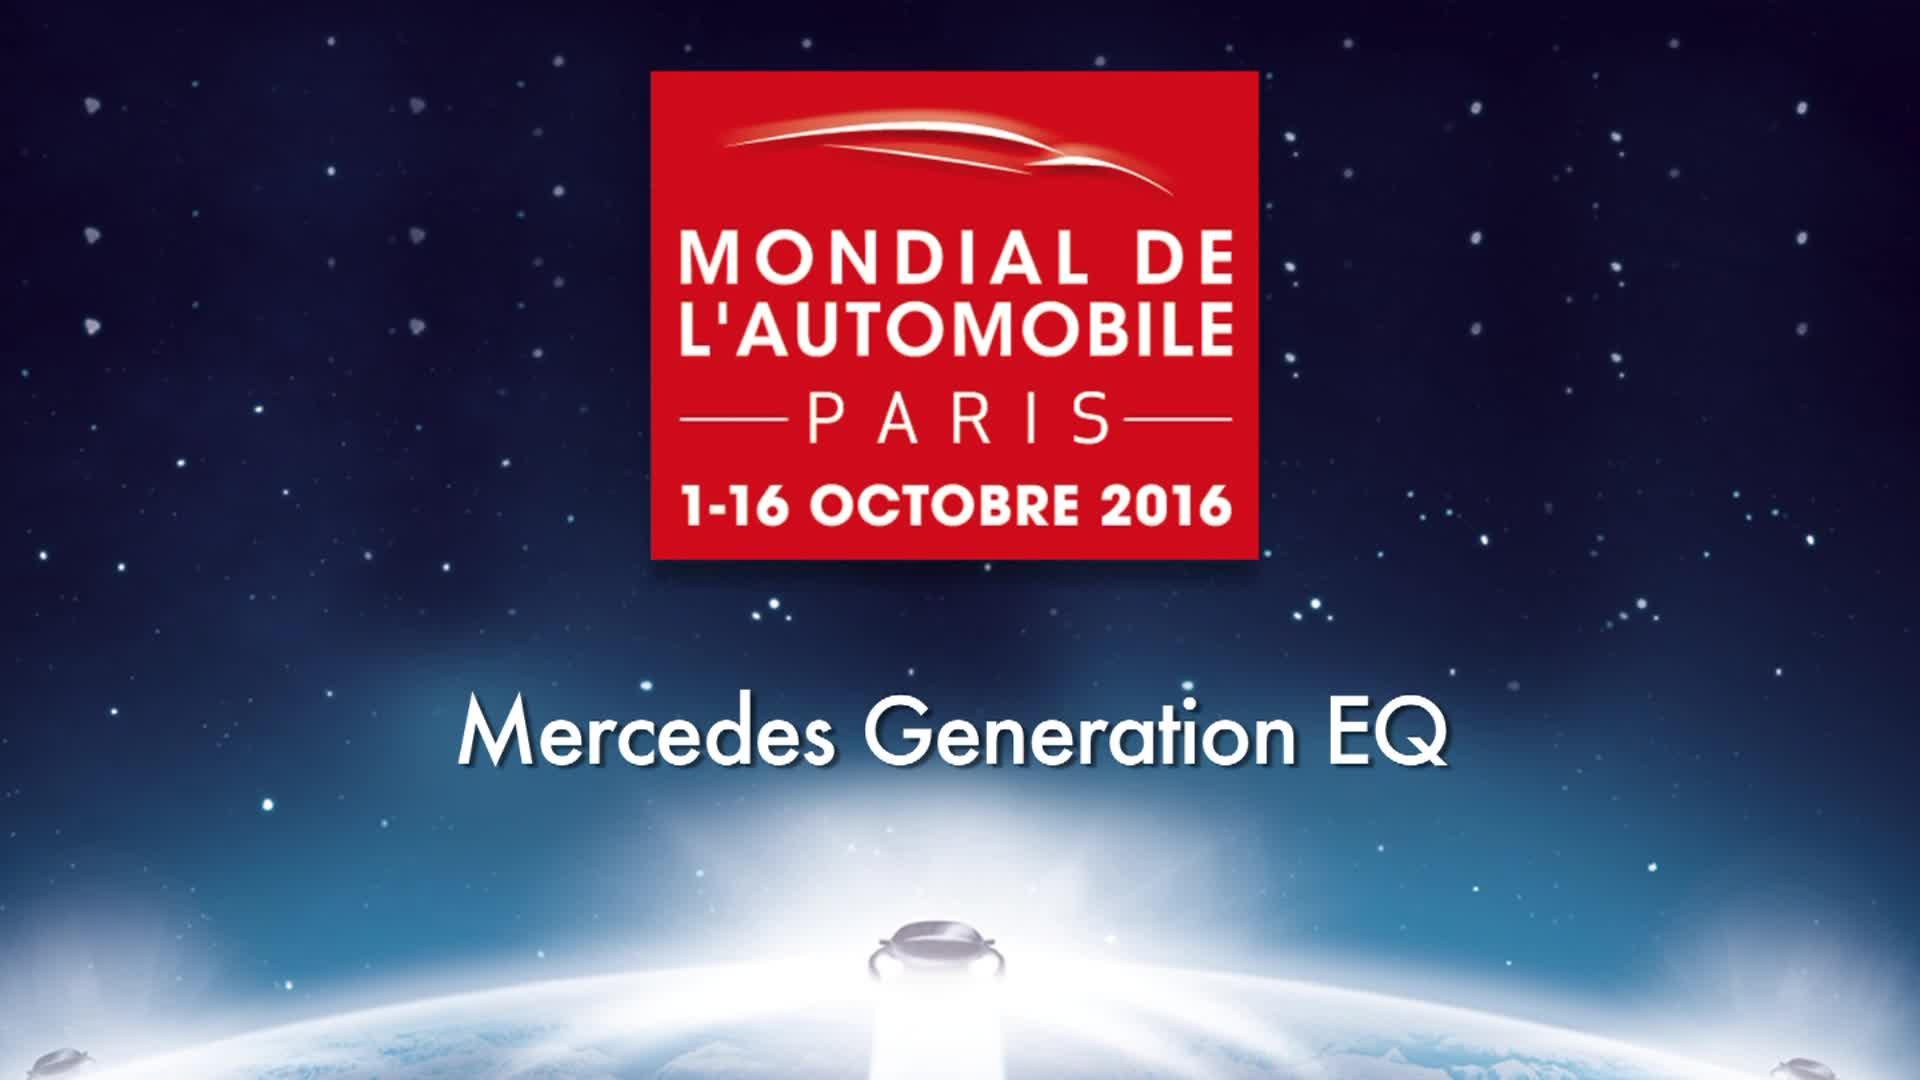 Mercedes Generation EQ at Paris Motor Show 2016